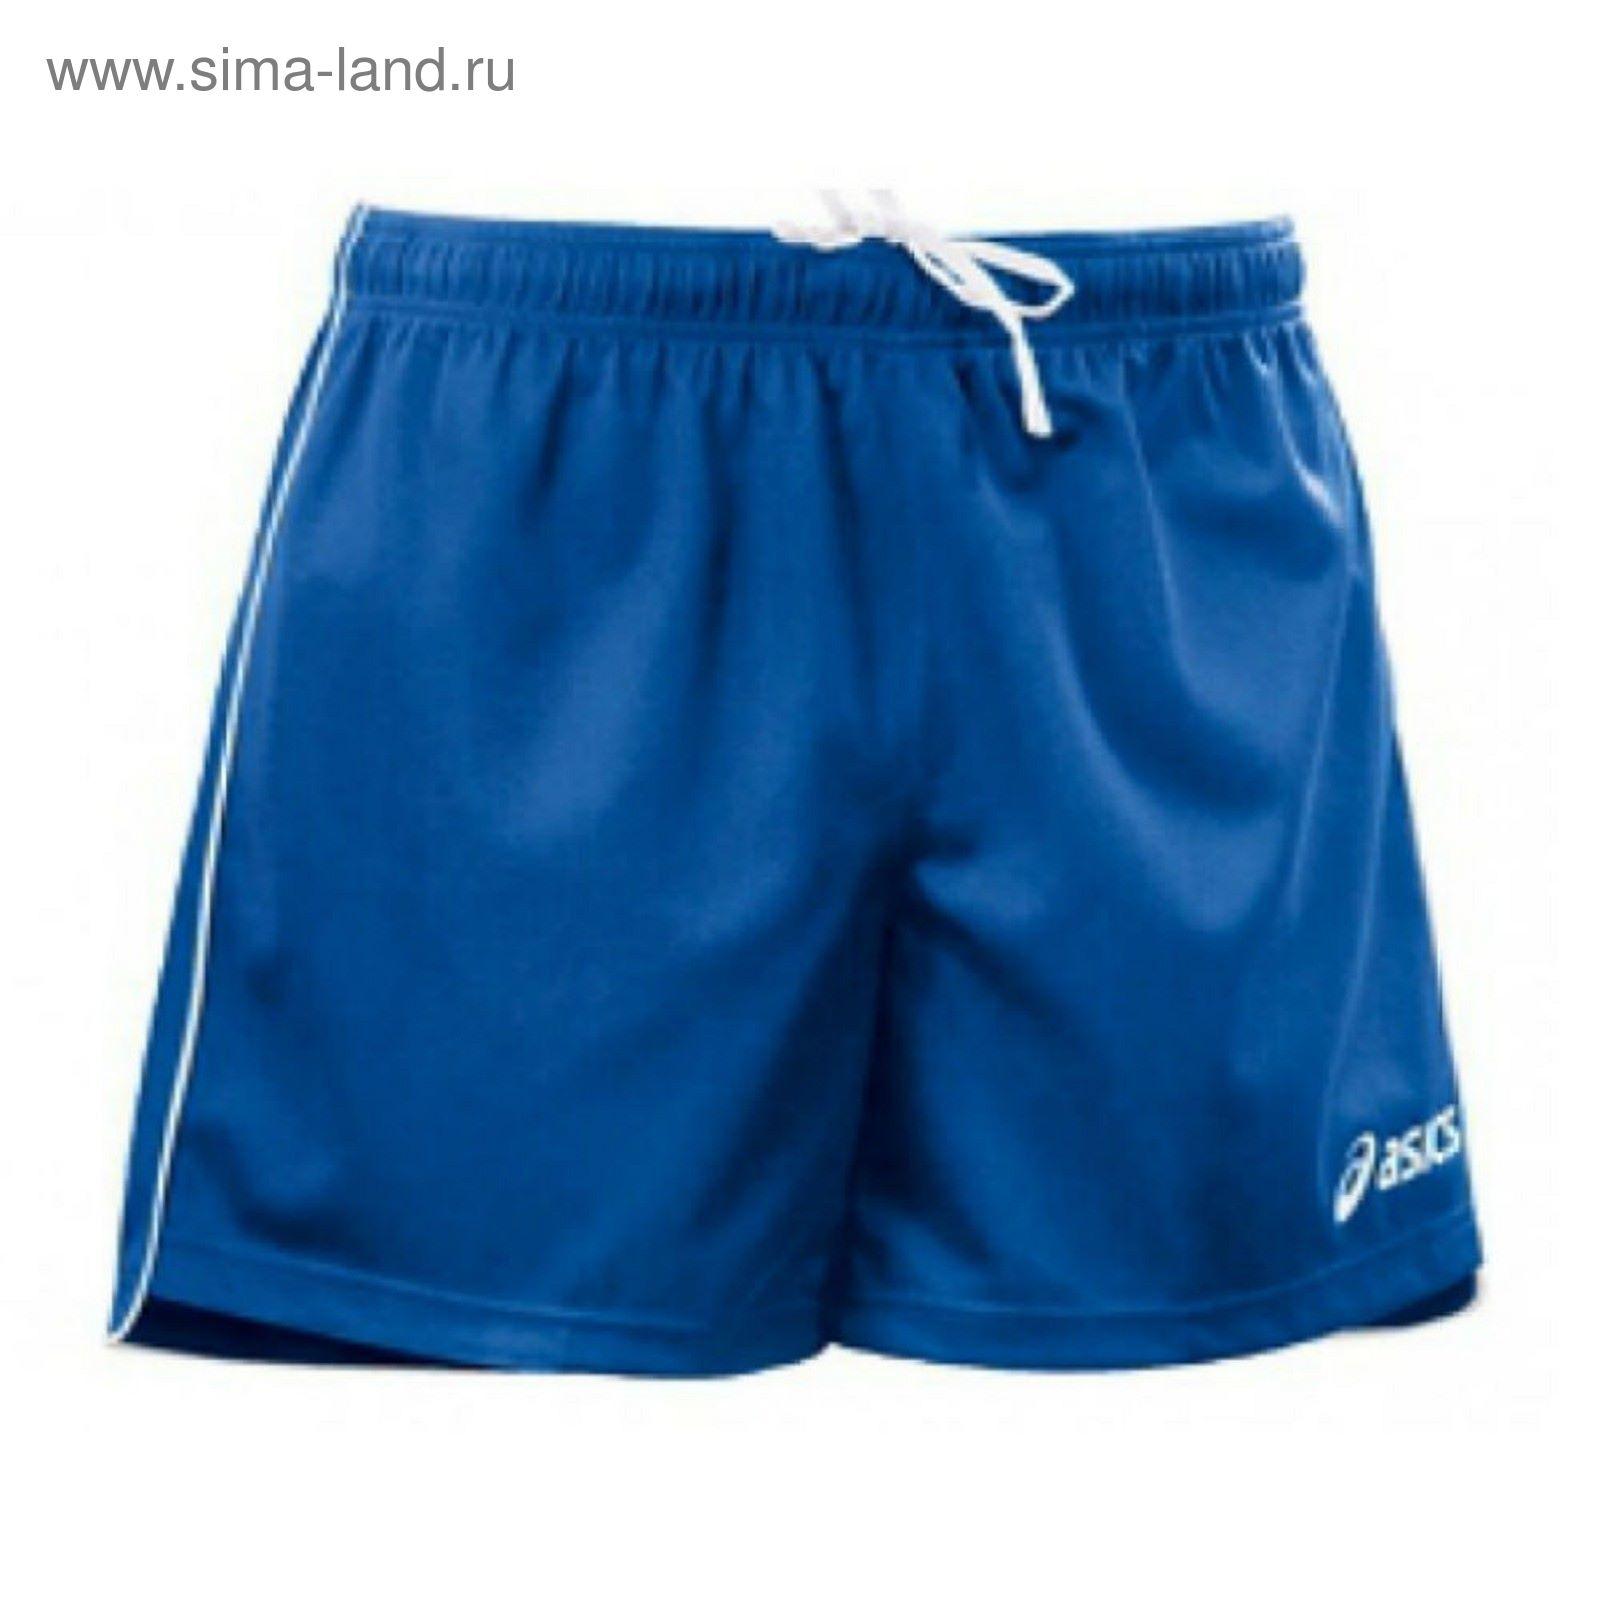 edcdf9512aaf Шорты для волейбола S ASICS T605Z1 0043 SHORT (2031164) - Купить по ...